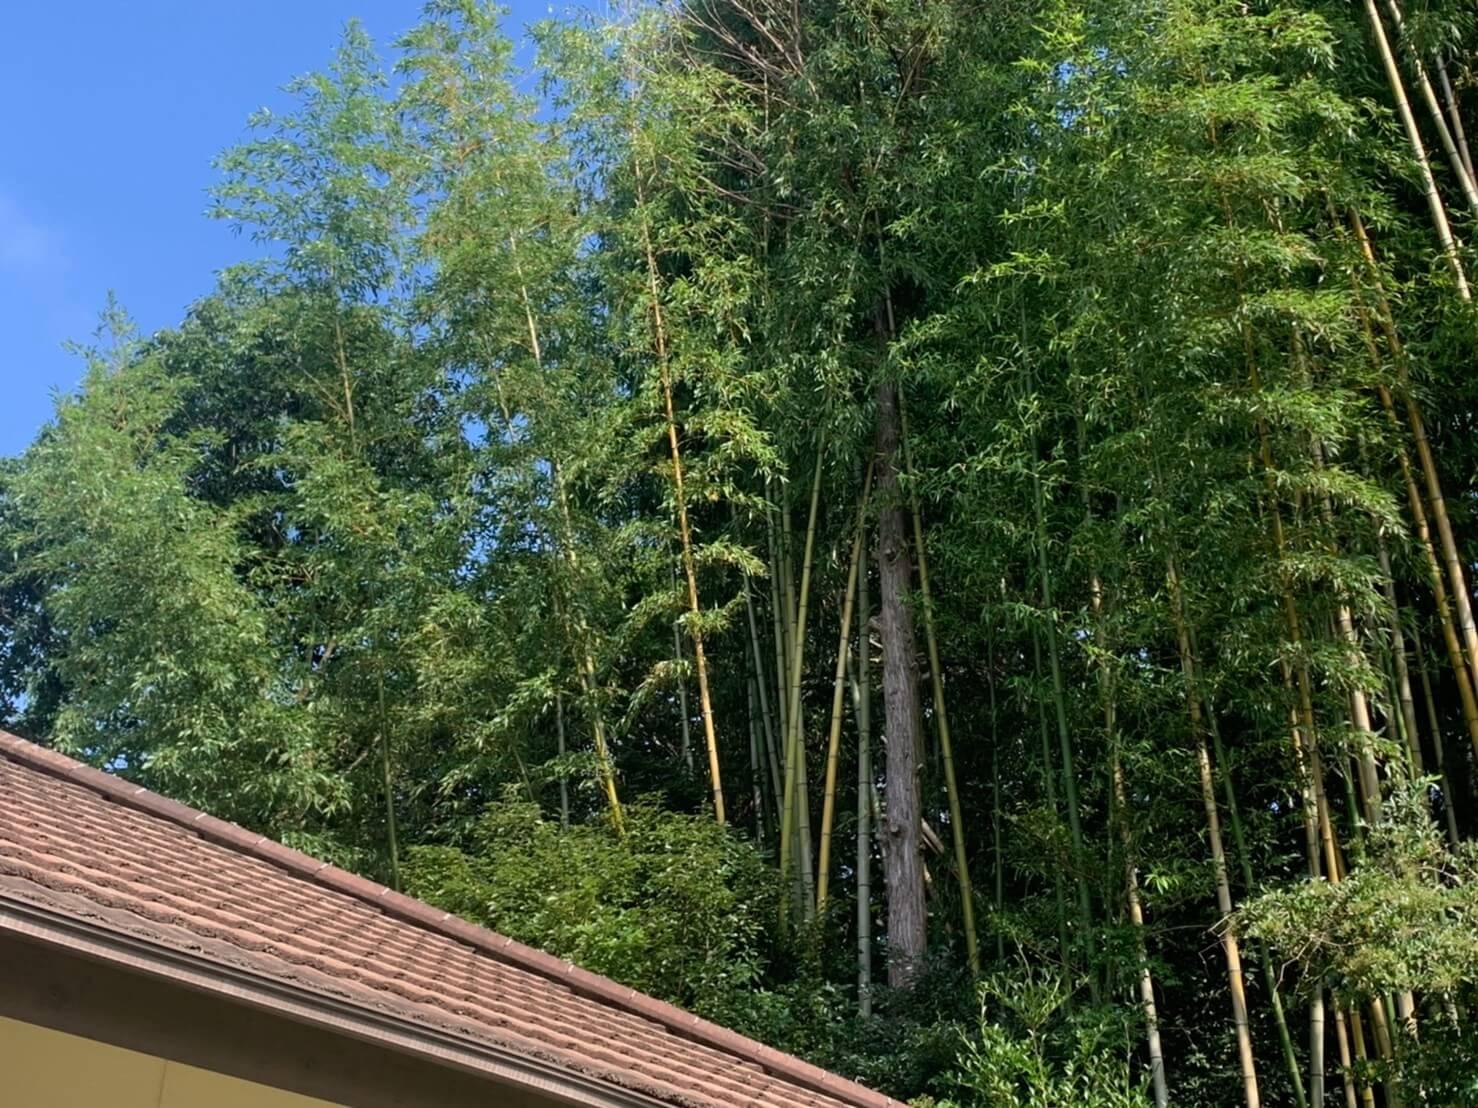 中央より少し右側に写っているのが今回伐採を行うヒノキ。枯れが進行し、弱ってきているような状況でした。